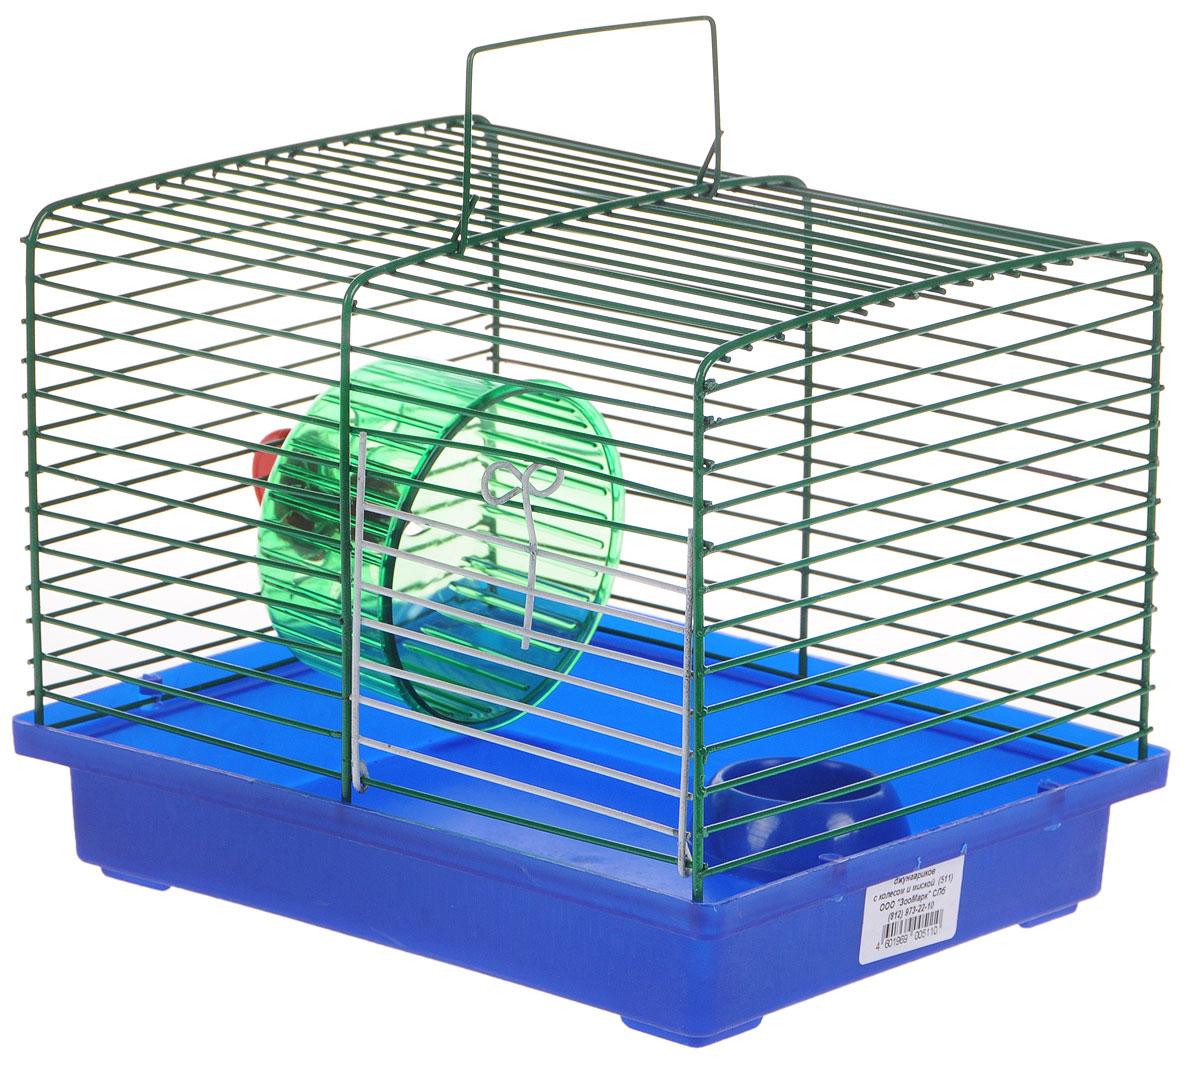 Клетка для джунгариков ЗооМарк, с колесом и миской, цвет: синий поддон, зеленая решетка, 23 х 18 х 19 см0120710Клетка ЗооМарк, выполненная из пластика и металла, подходит для мелких грызунов. Изделие оборудовано колесом для подвижных игр и пластиковой миской. Клетка имеет яркий поддон, удобна в использовании и легко чистится. Сверху имеется ручка для переноски. Такая клетка станет личным пространством и уютным домиком для маленького грызуна.Комплектация: - клетка с поддоном;- миска;- колесо.